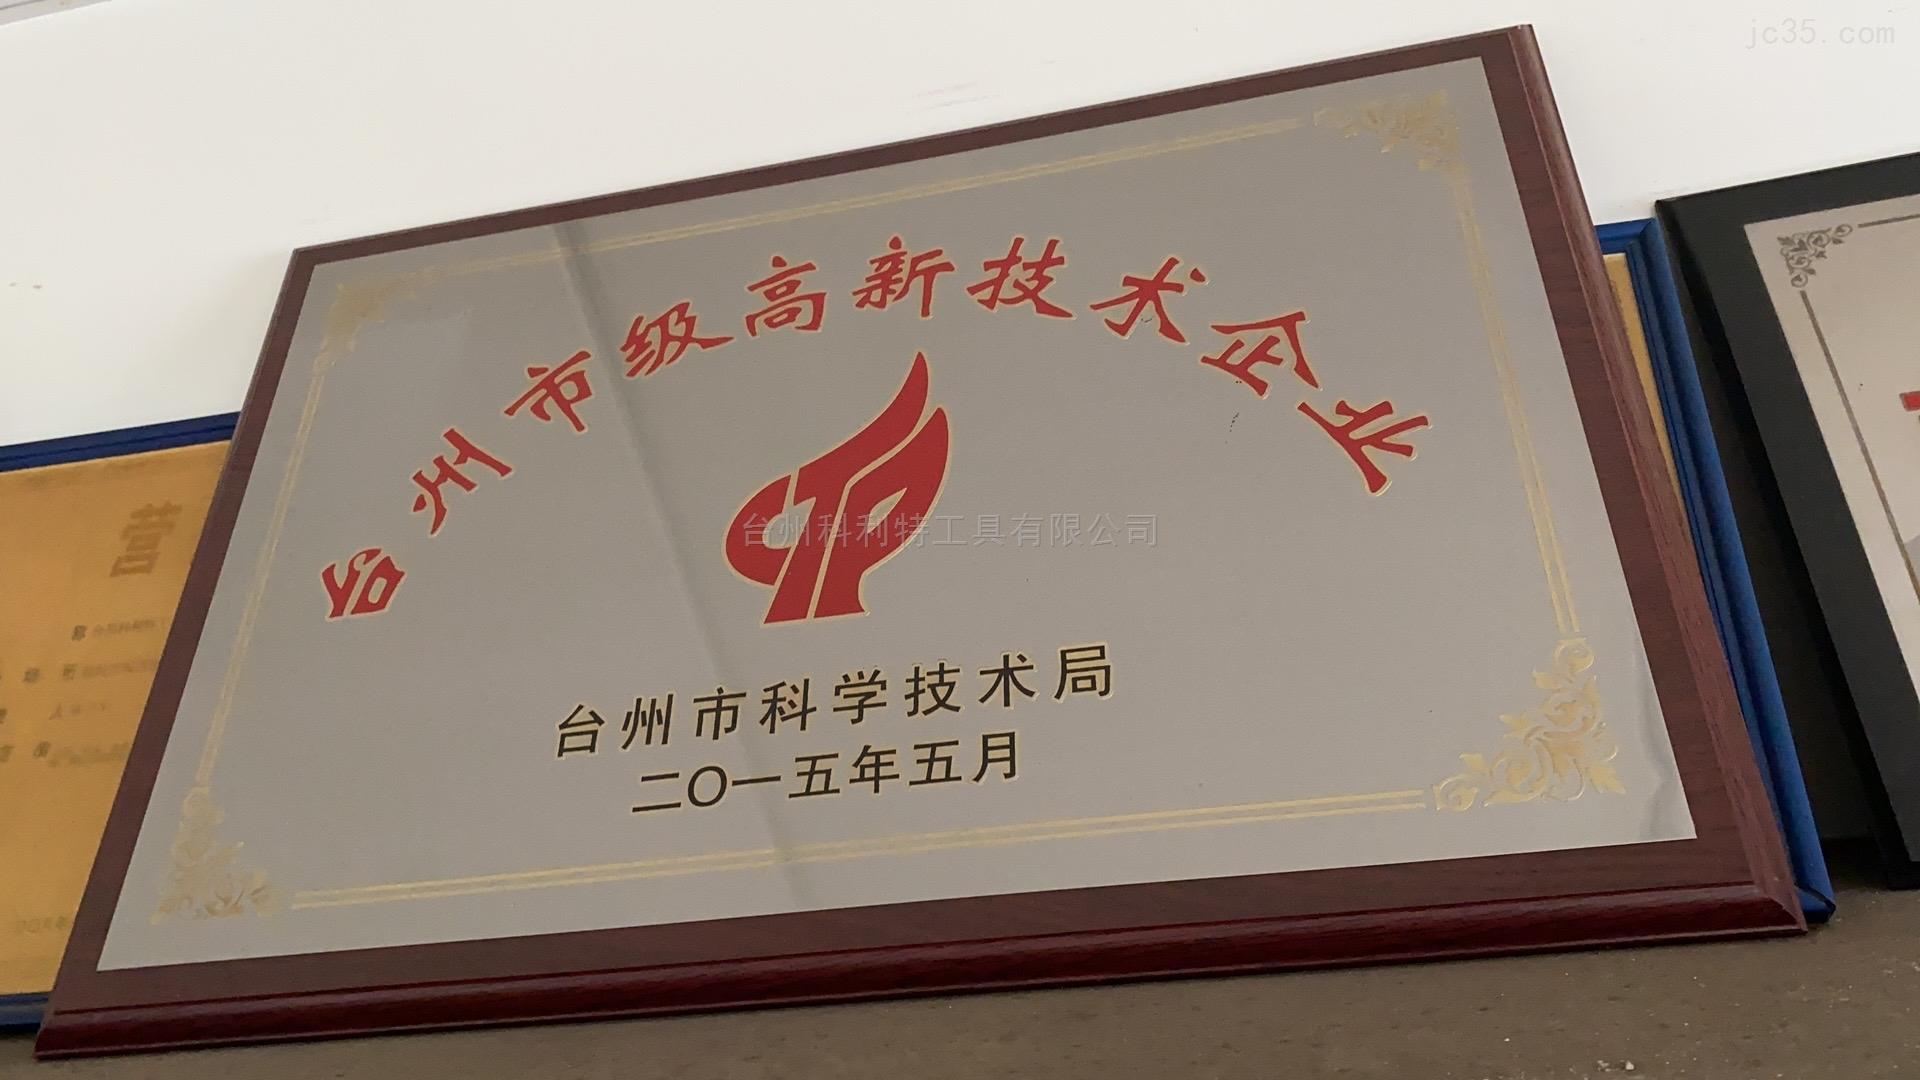 臺州高新技術中心